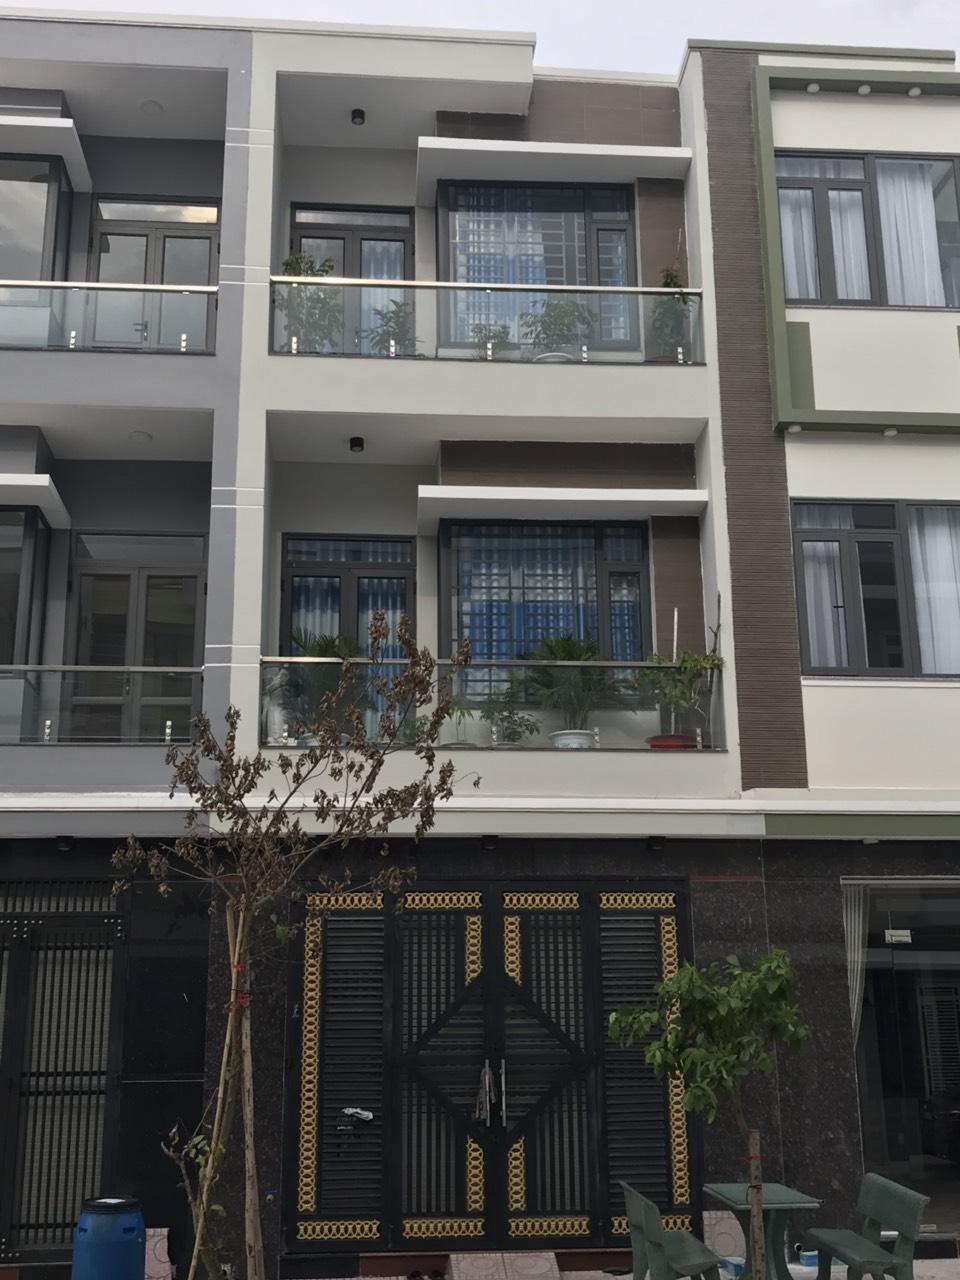 Bán nhà phố 2 lầu 1 trệt sổ hồng riêng phường Đông Hòa thị xã  Dĩ An